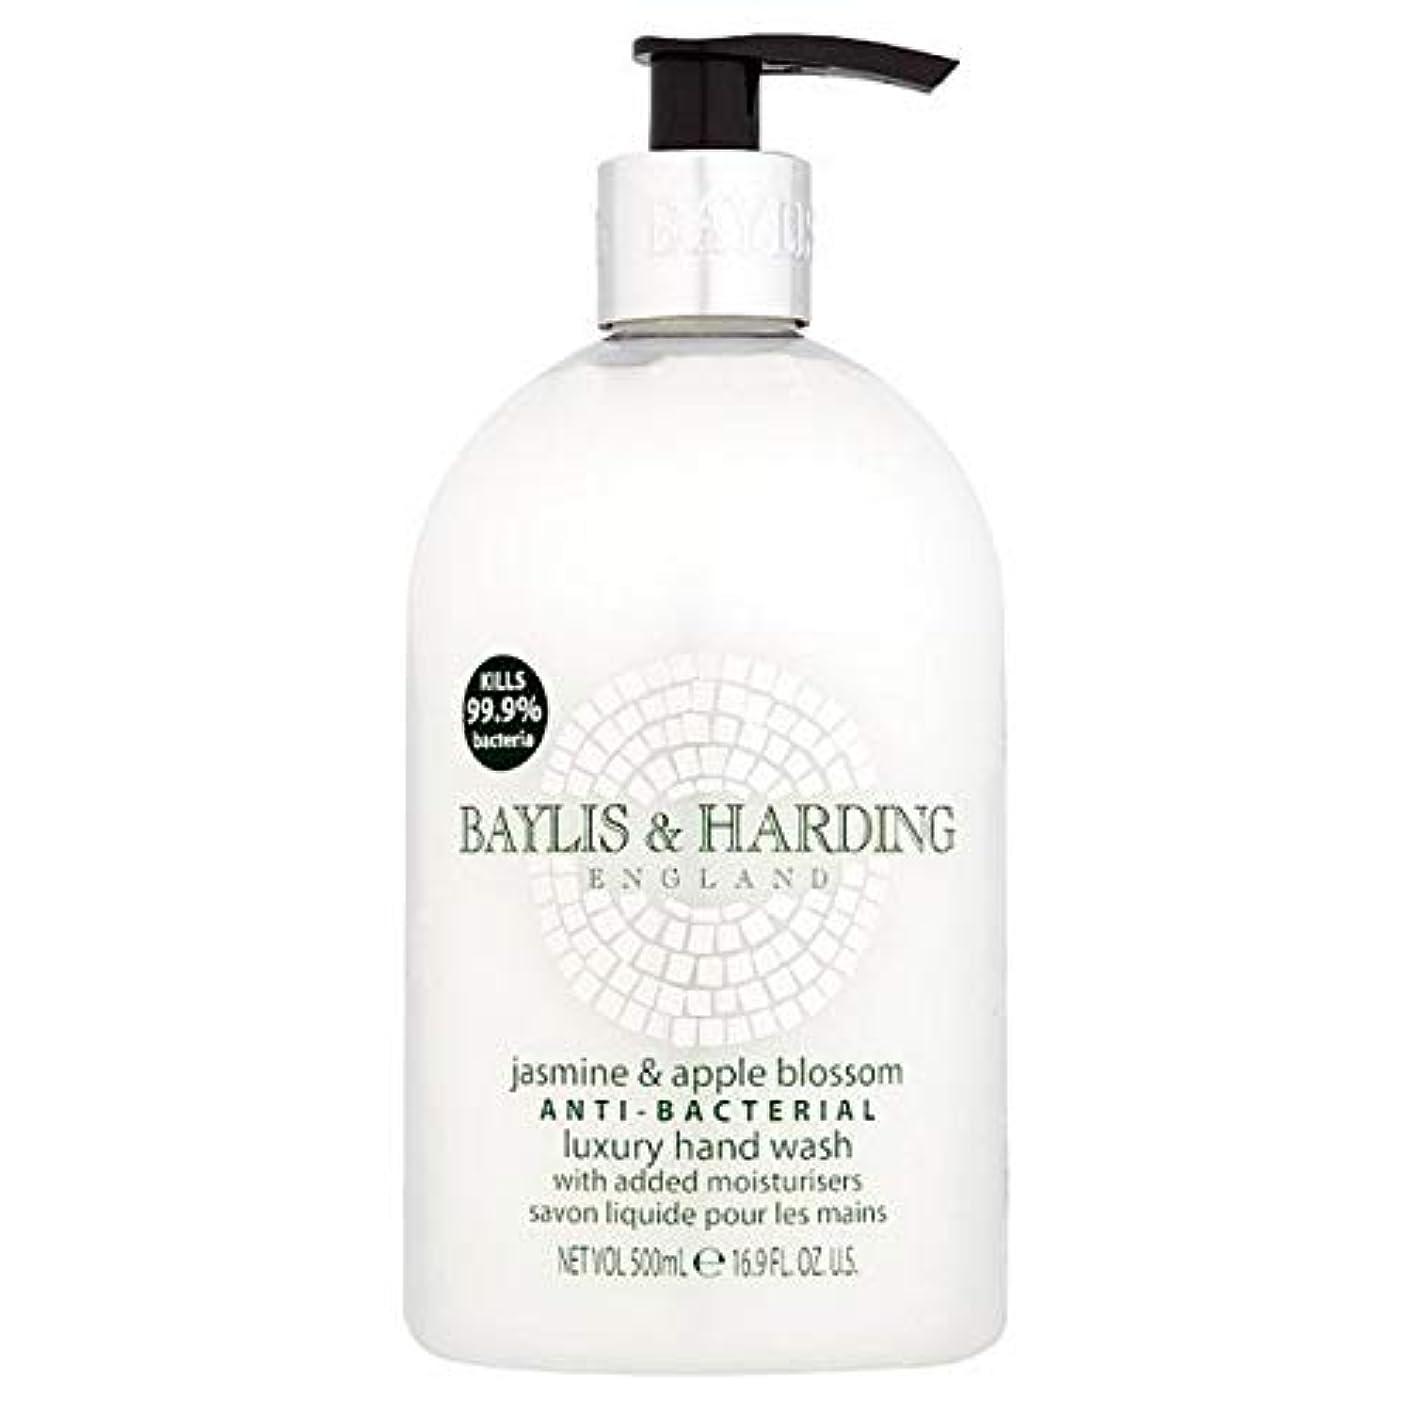 壁性的八[Baylis & Harding ] ベイリス&ハーディング署名抗菌手洗い用500ミリリットル - Baylis & Harding Signature Antibacterial Hand Wash 500ml [並行輸入品]